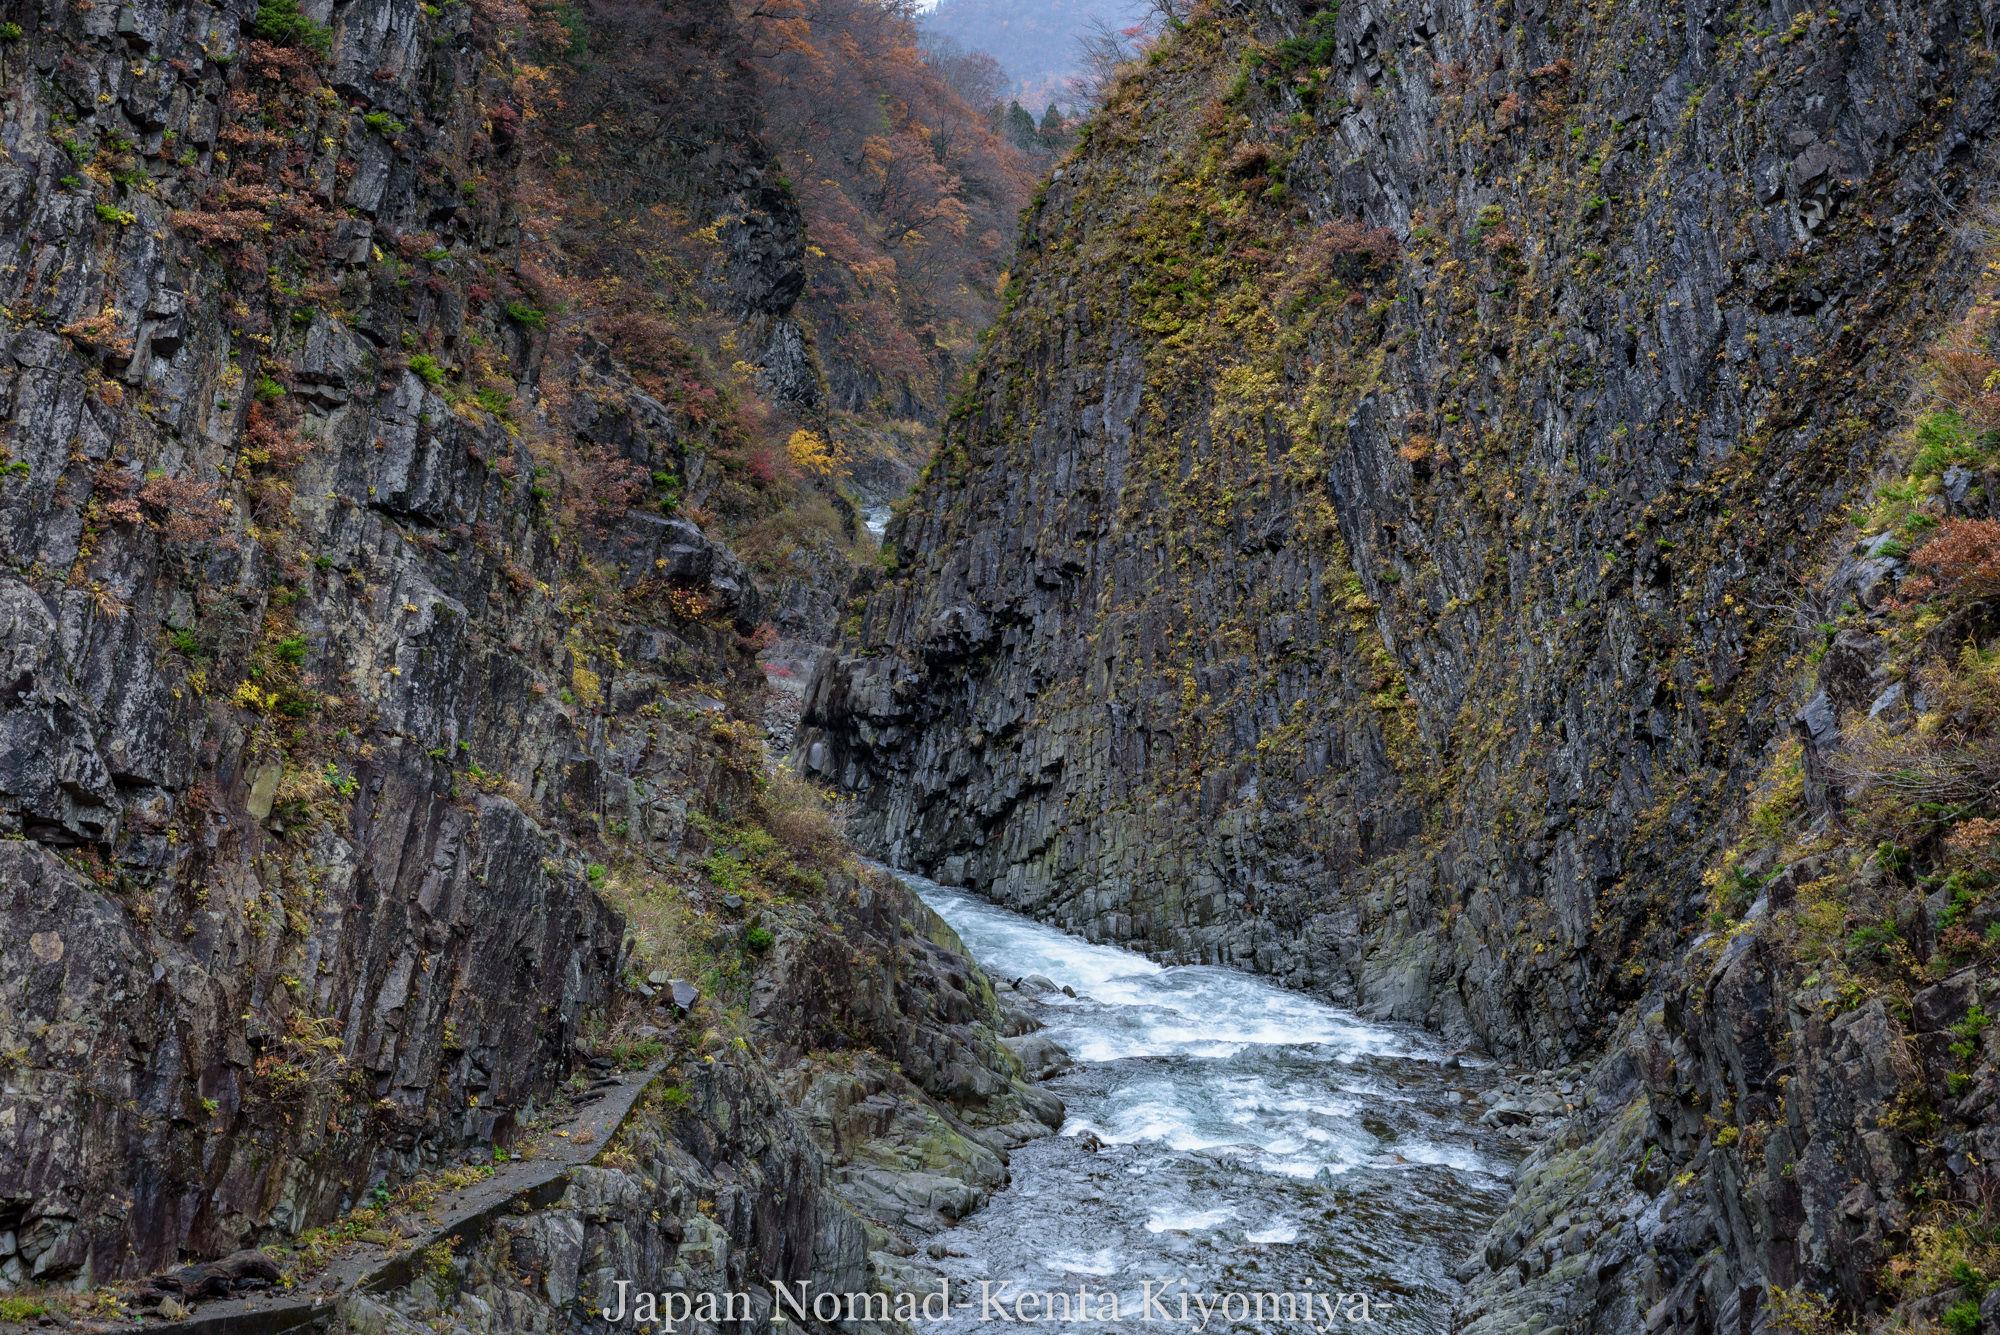 【旅139日目】柱状節理の岩礁と清流が織りなす景色、清津峡は日本を代表する渓谷だった